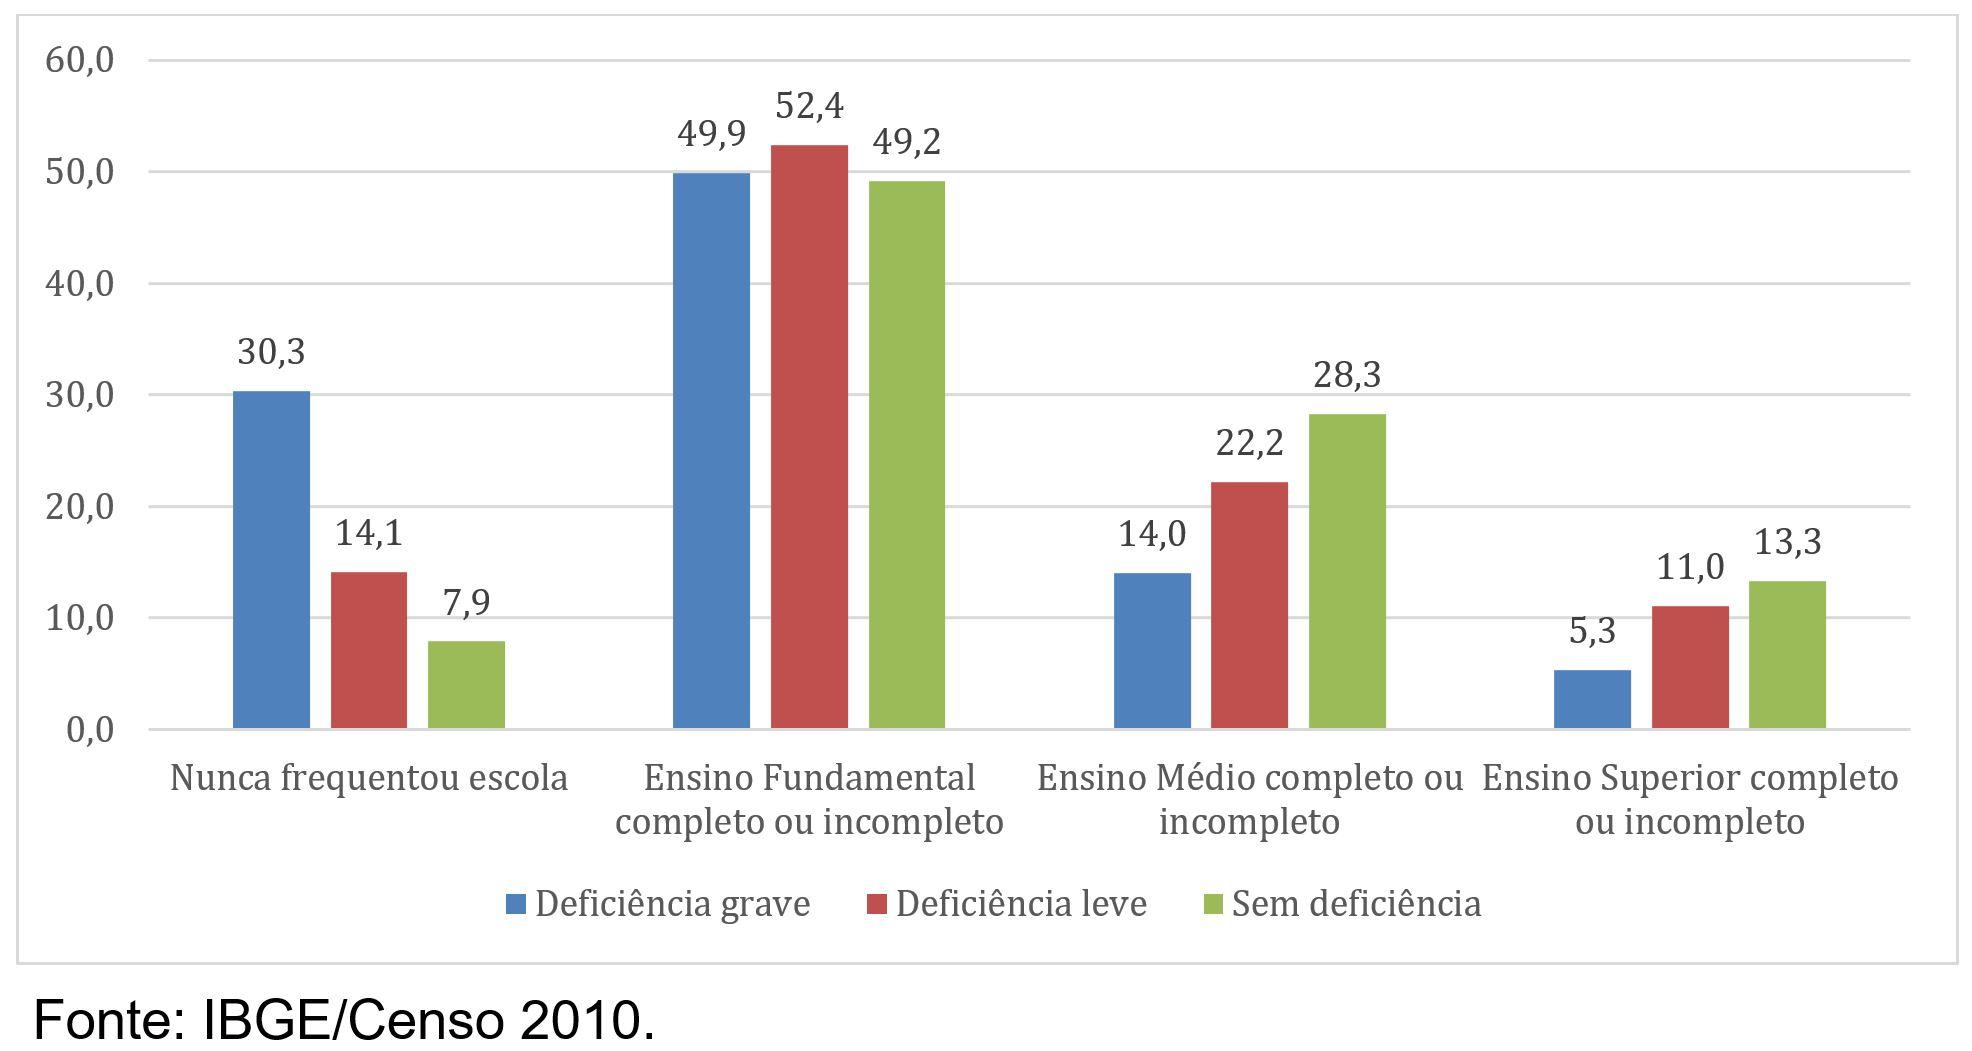 Imagem de um gráfico